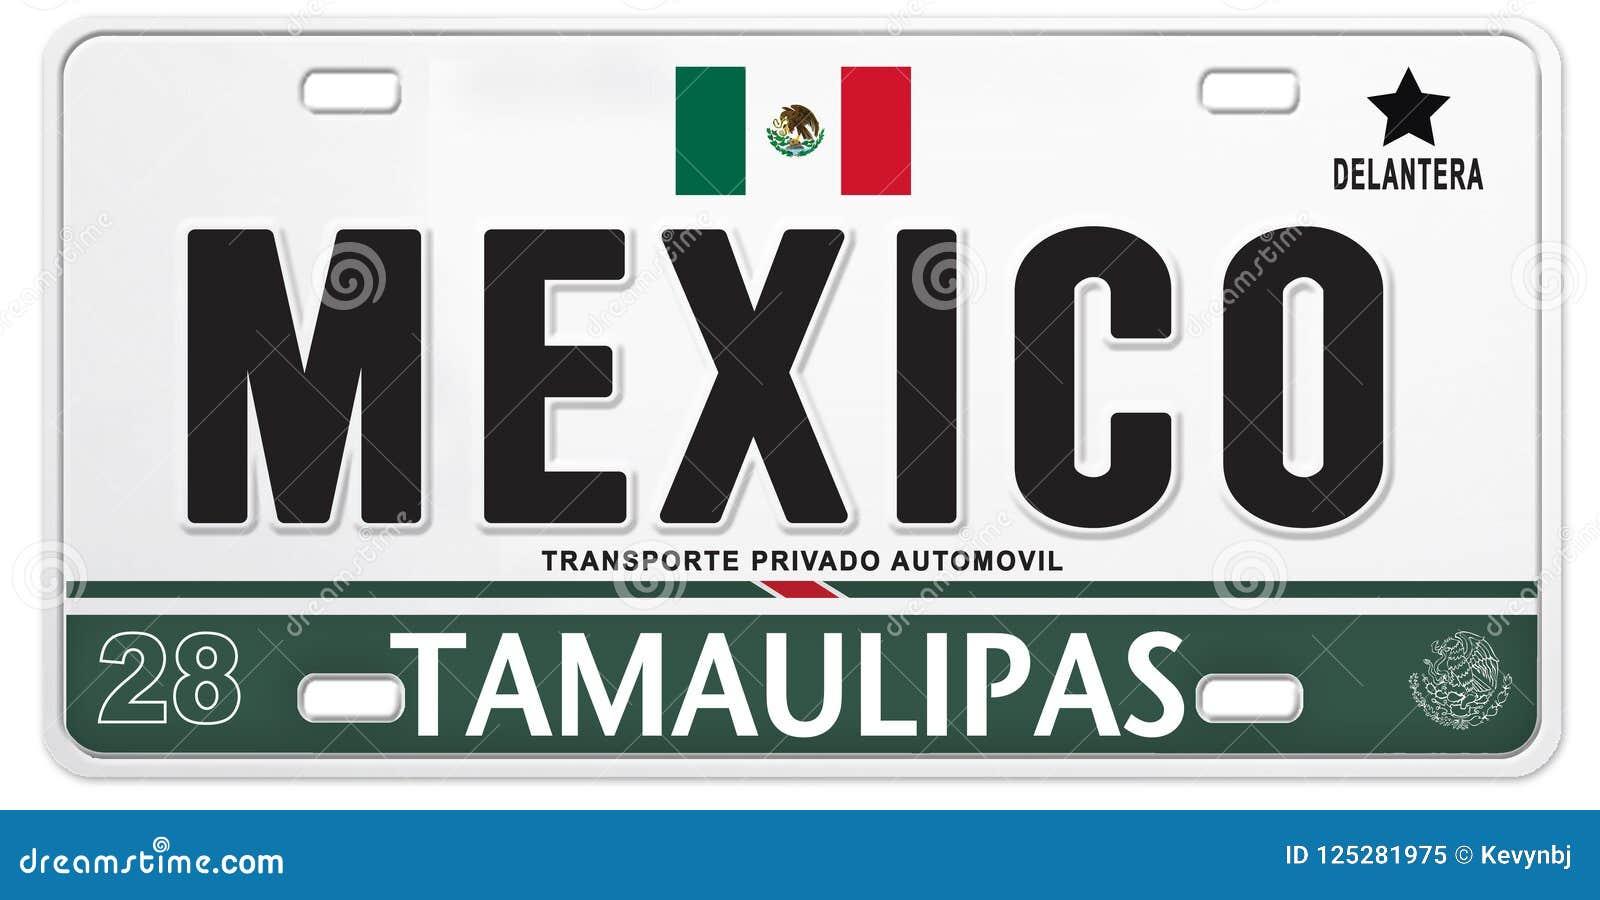 För Mexico för mexicansk registreringsskylt fotboll stolt fotboll